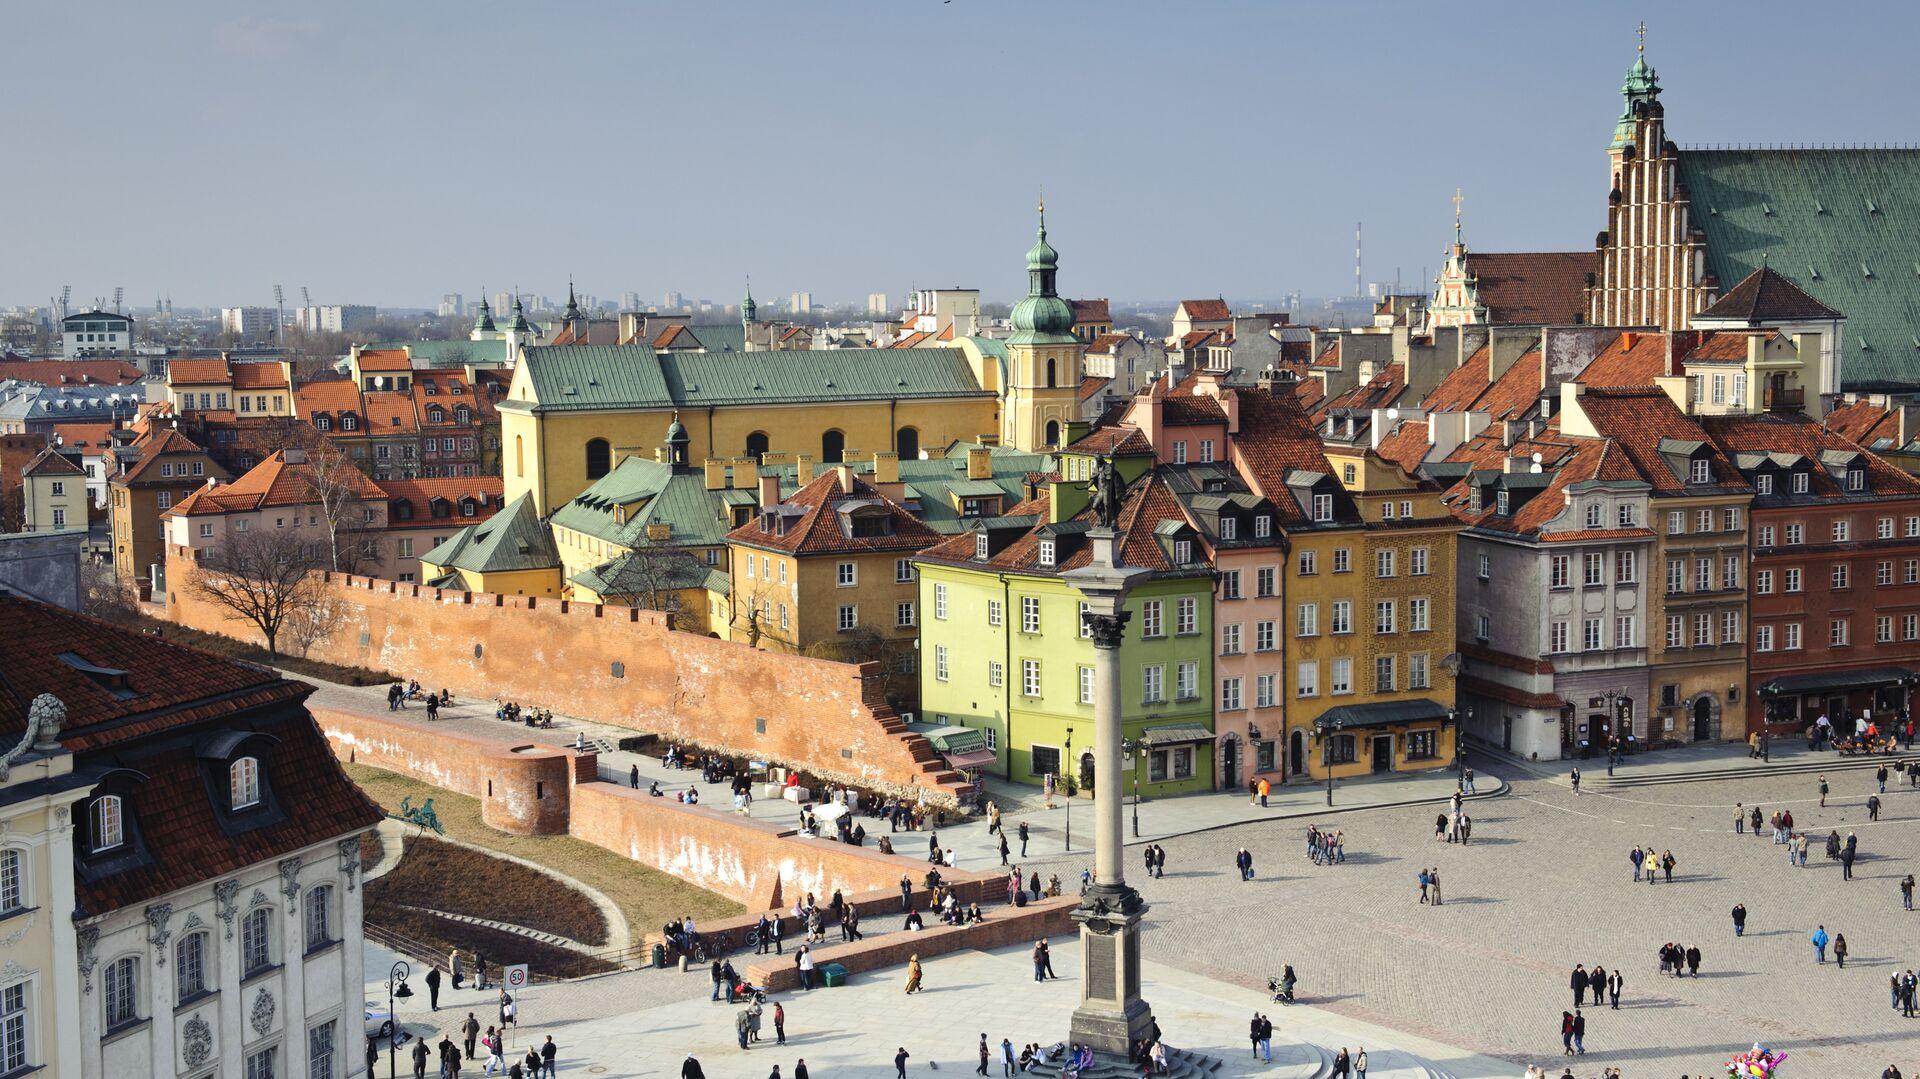 Центр города в Варшаве, Польша - РИА Новости, 1920, 11.06.2021